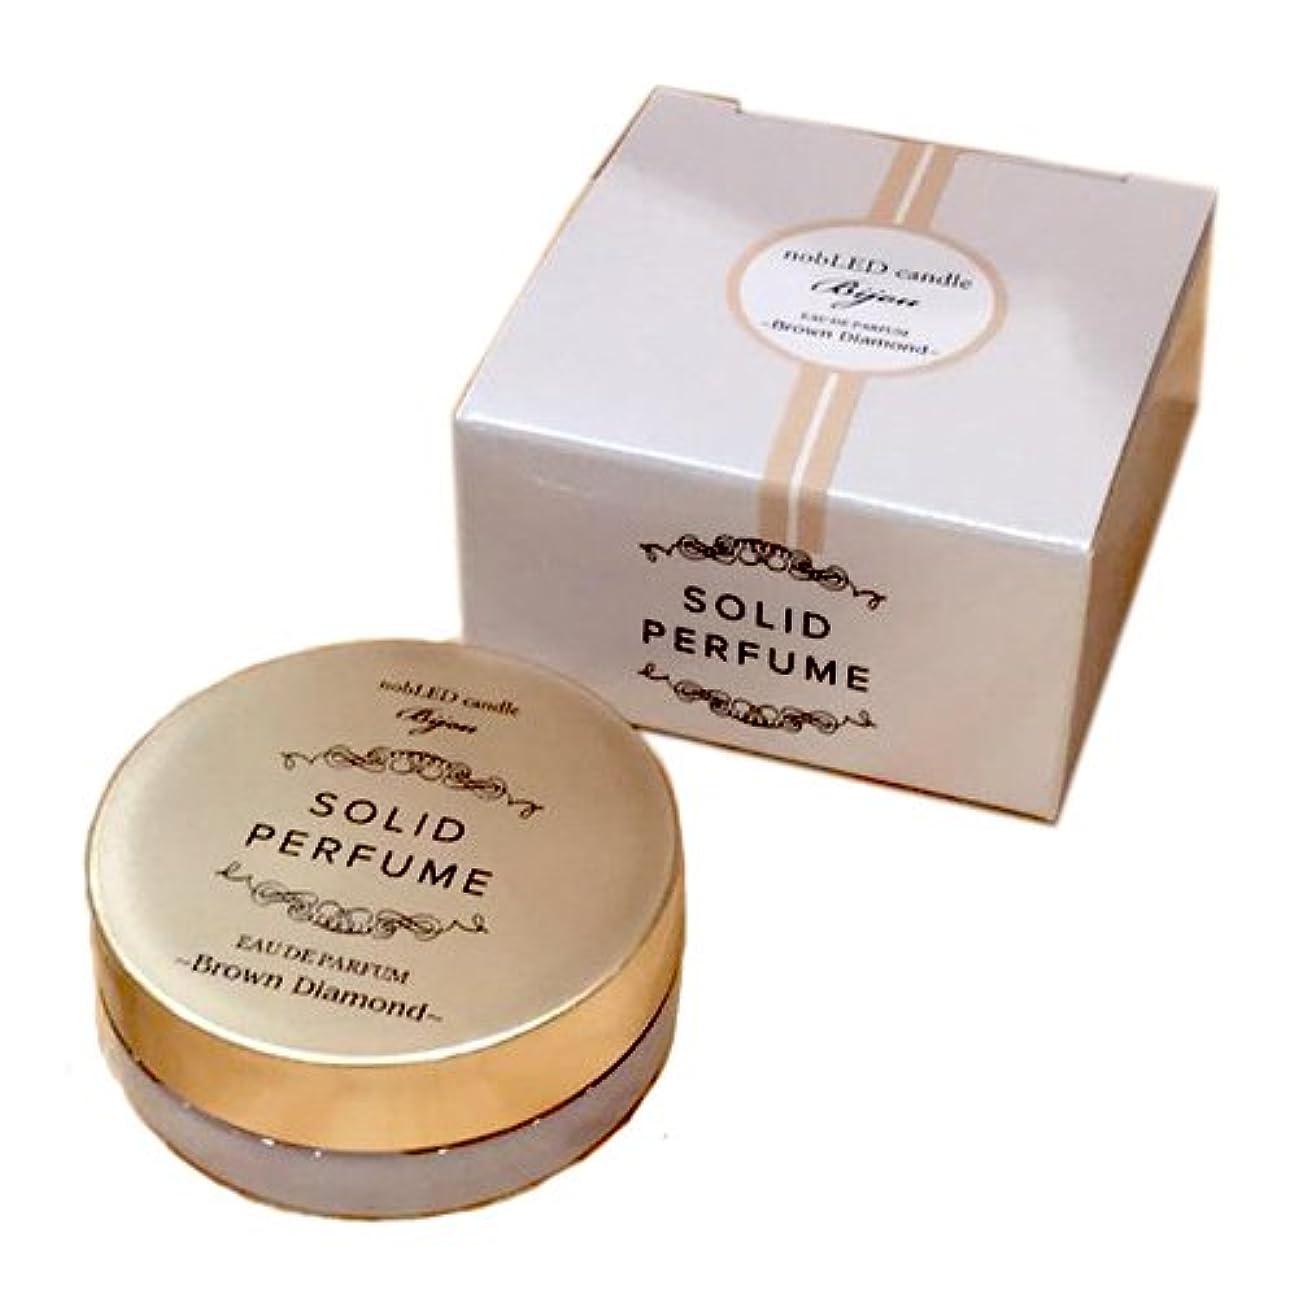 火曜日描写ジョグnobLED candle Bijou ソリッドパフューム ブラウンダイアモンド Brown Diamond SOLIDPERFUME ノーブレッド キャンドル ビジュー オードパルファム EAU DE PARFUM BODY...